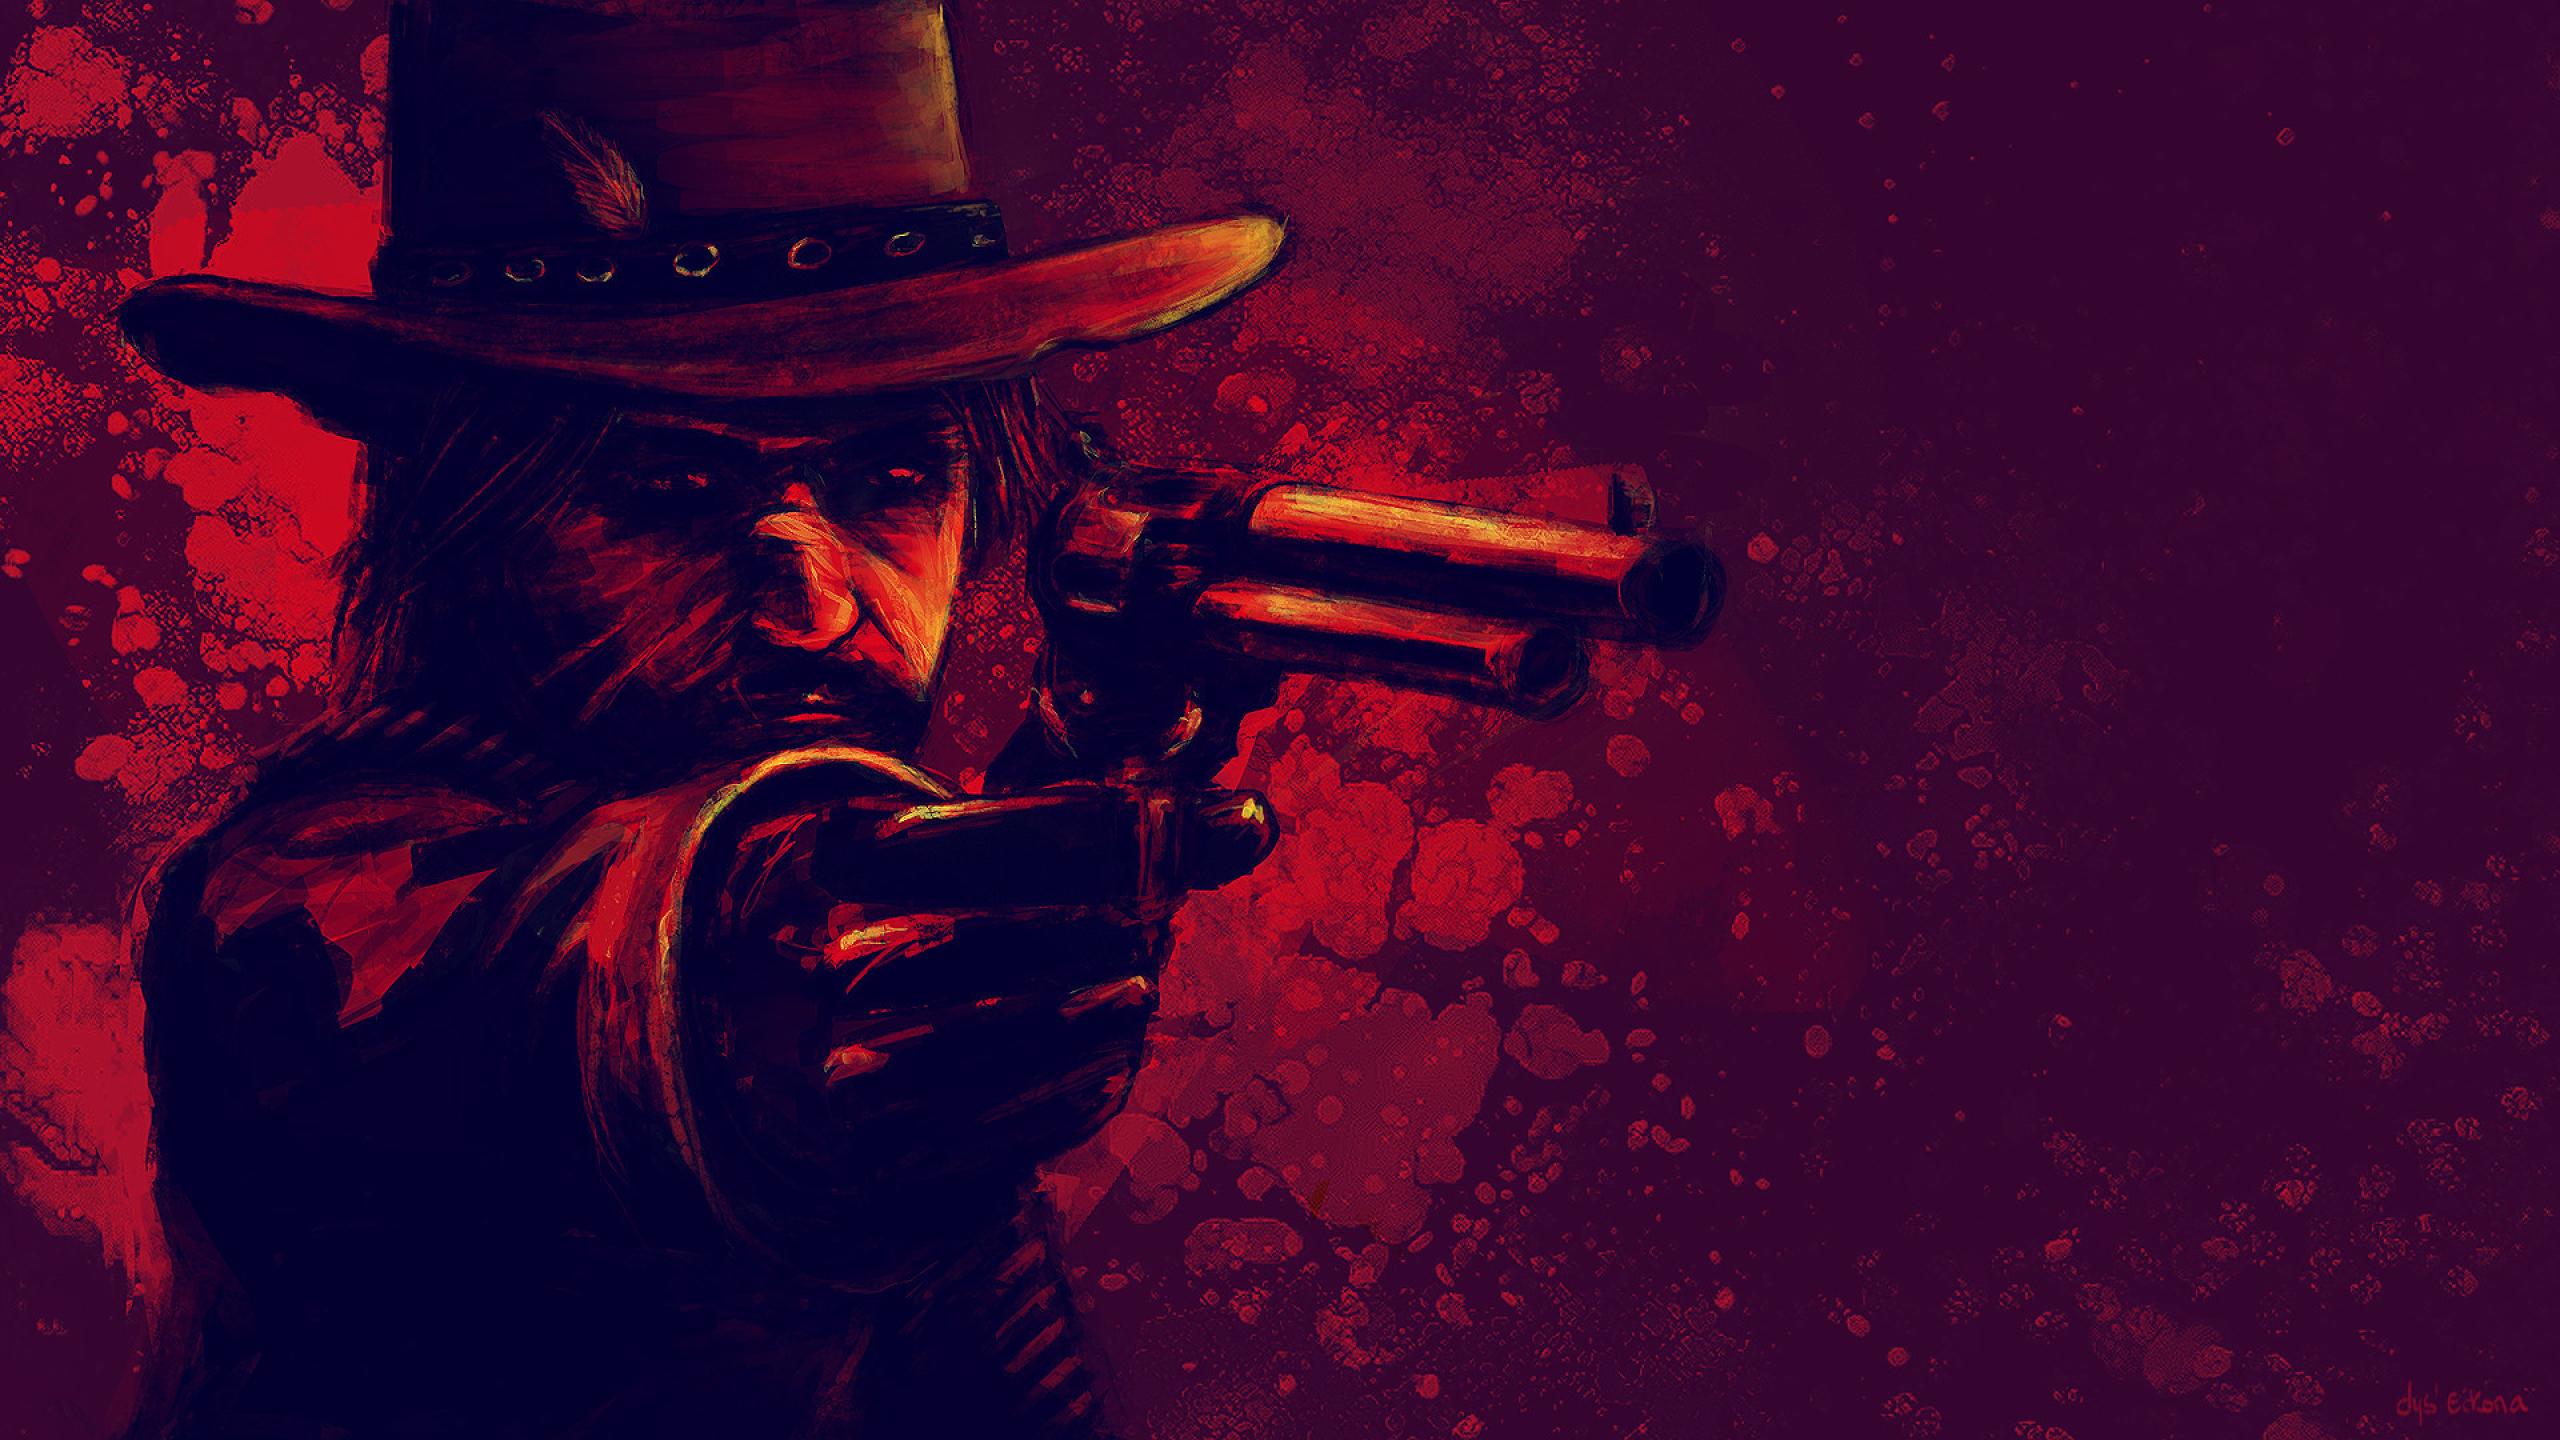 2560x1440 Red Dead Redemption 2 John Marston 1440p Resolution